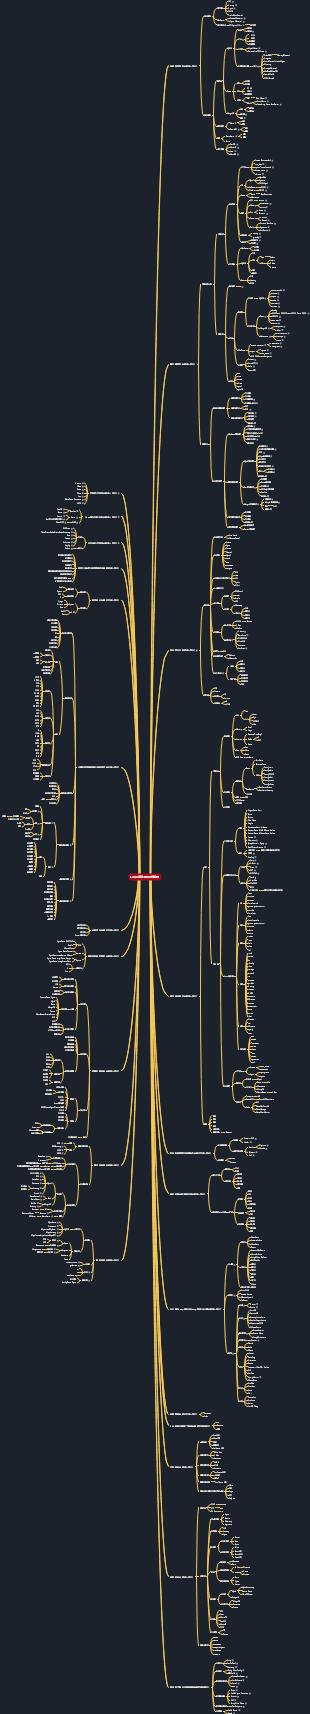 Linux运维工程师技能树